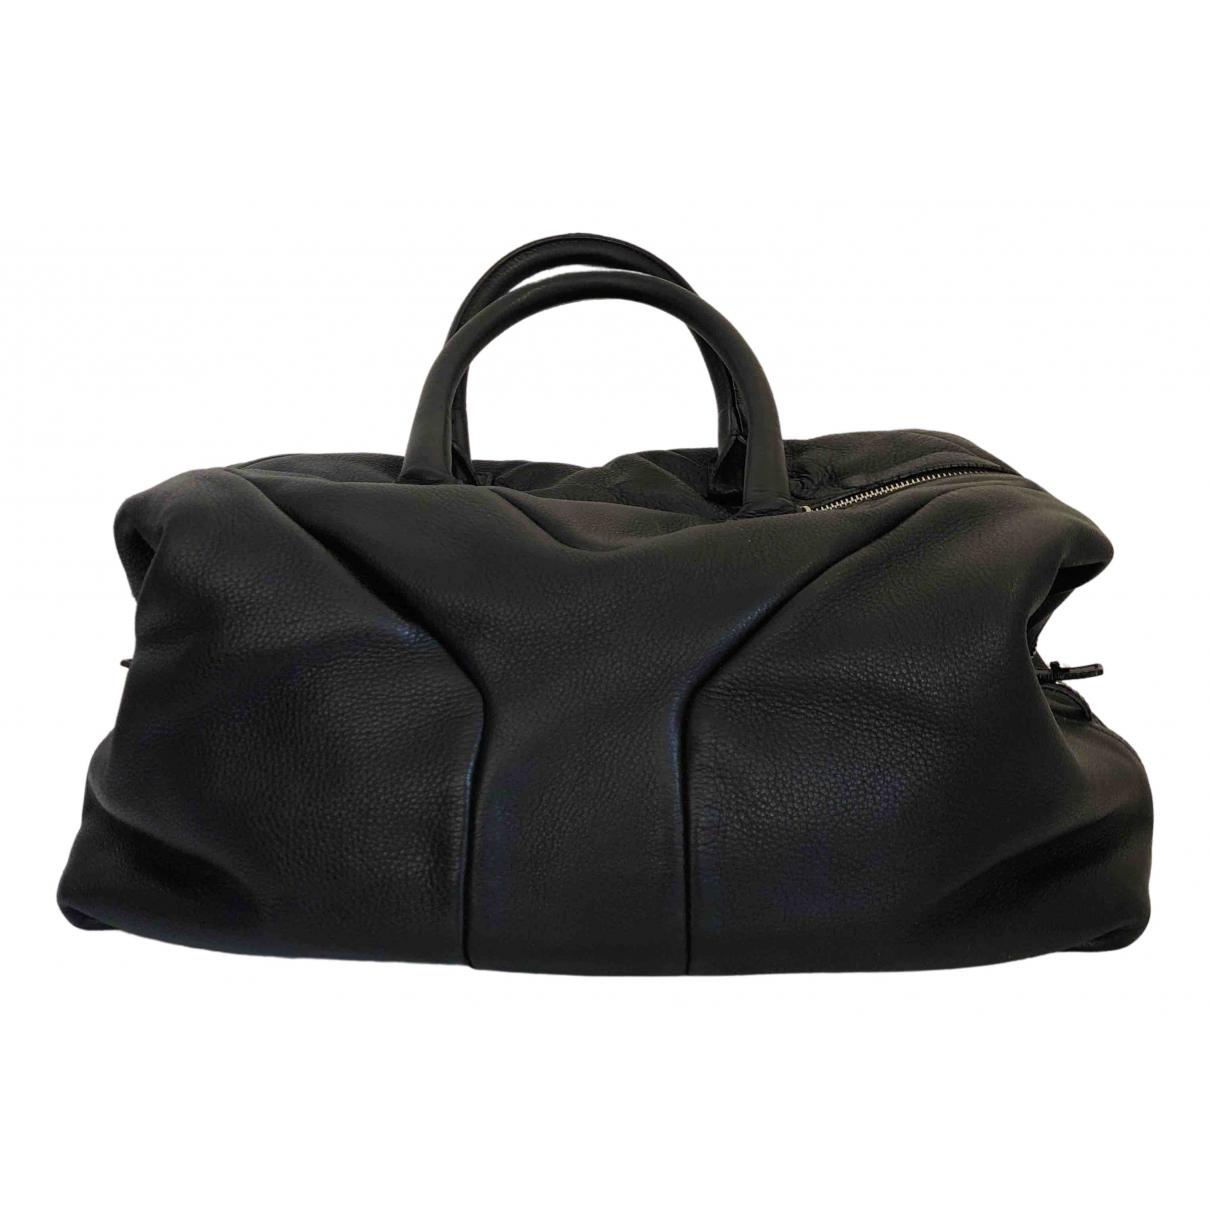 Yves Saint Laurent Easy Anthracite Leather handbag for Women \N